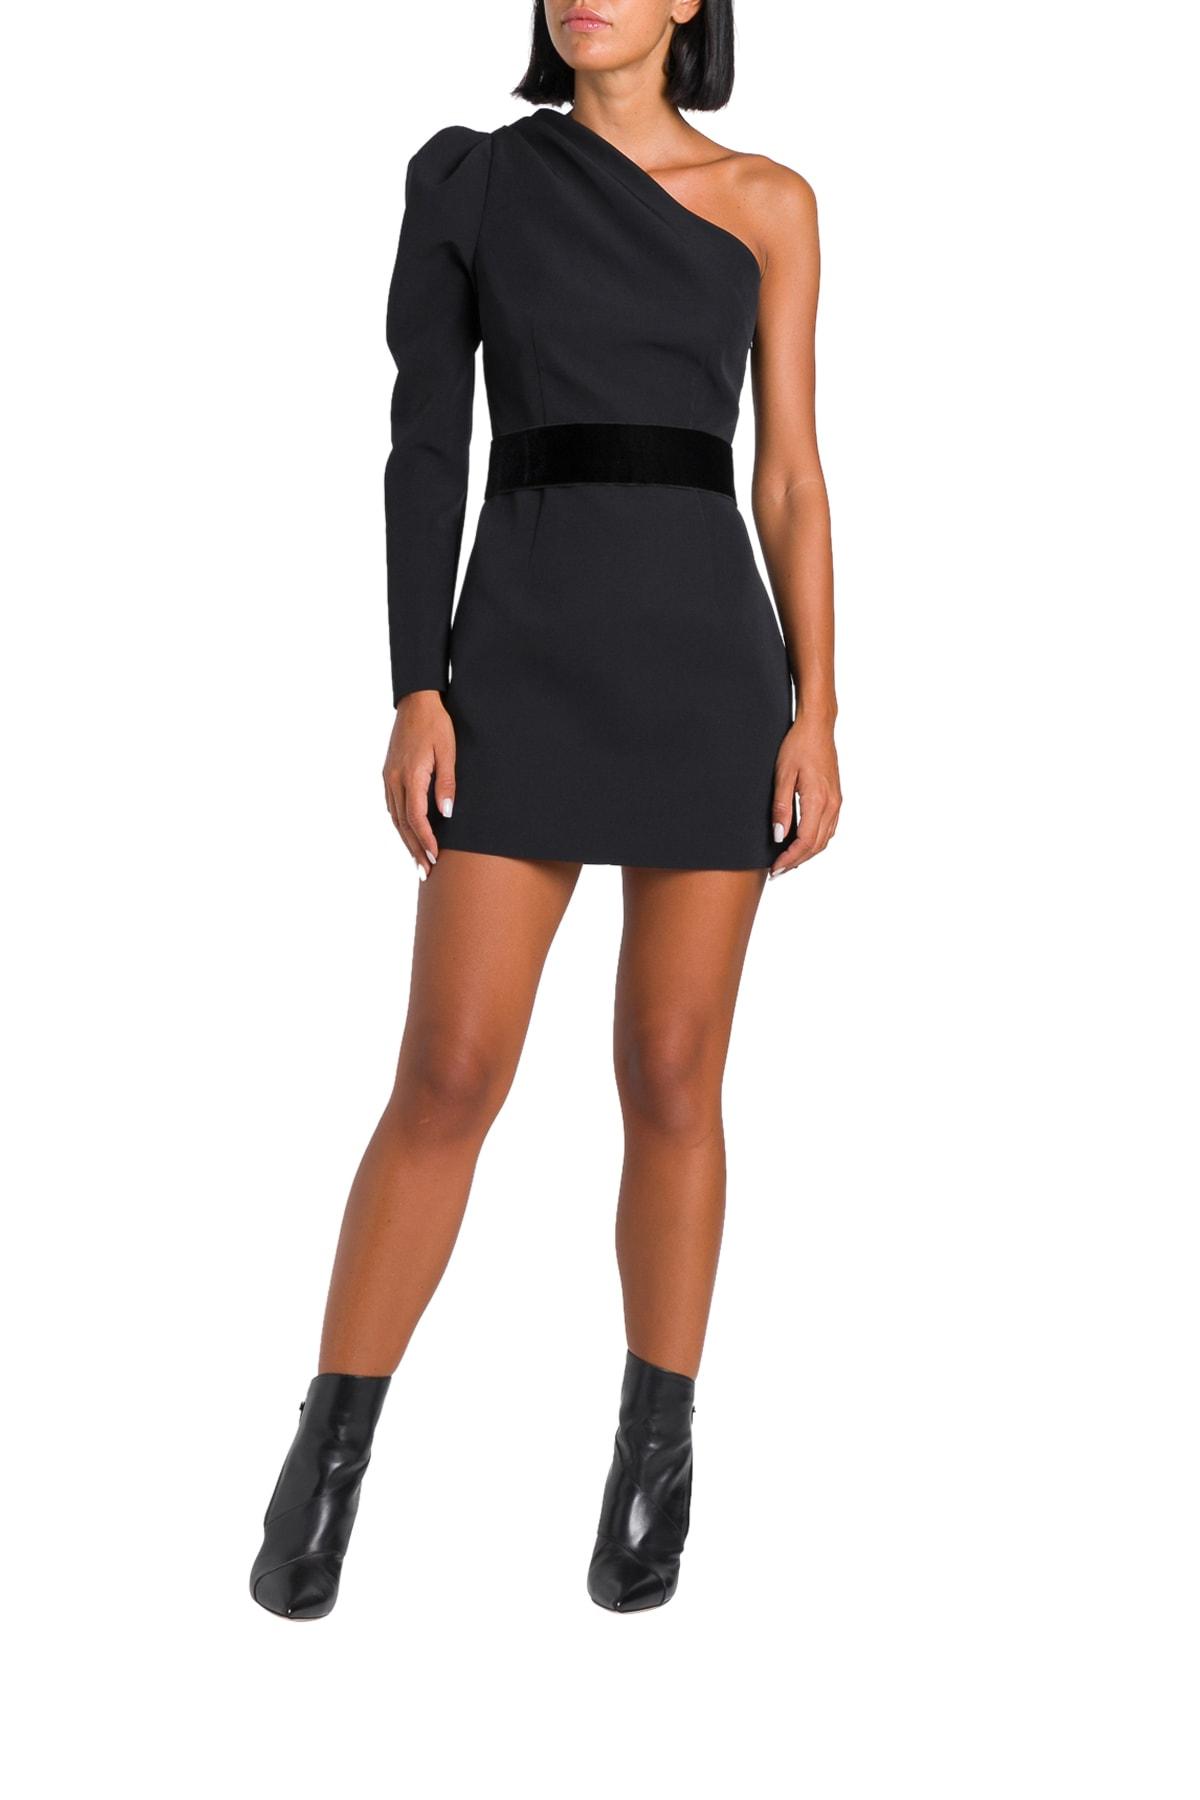 Parosh One-shoulder Short Dress